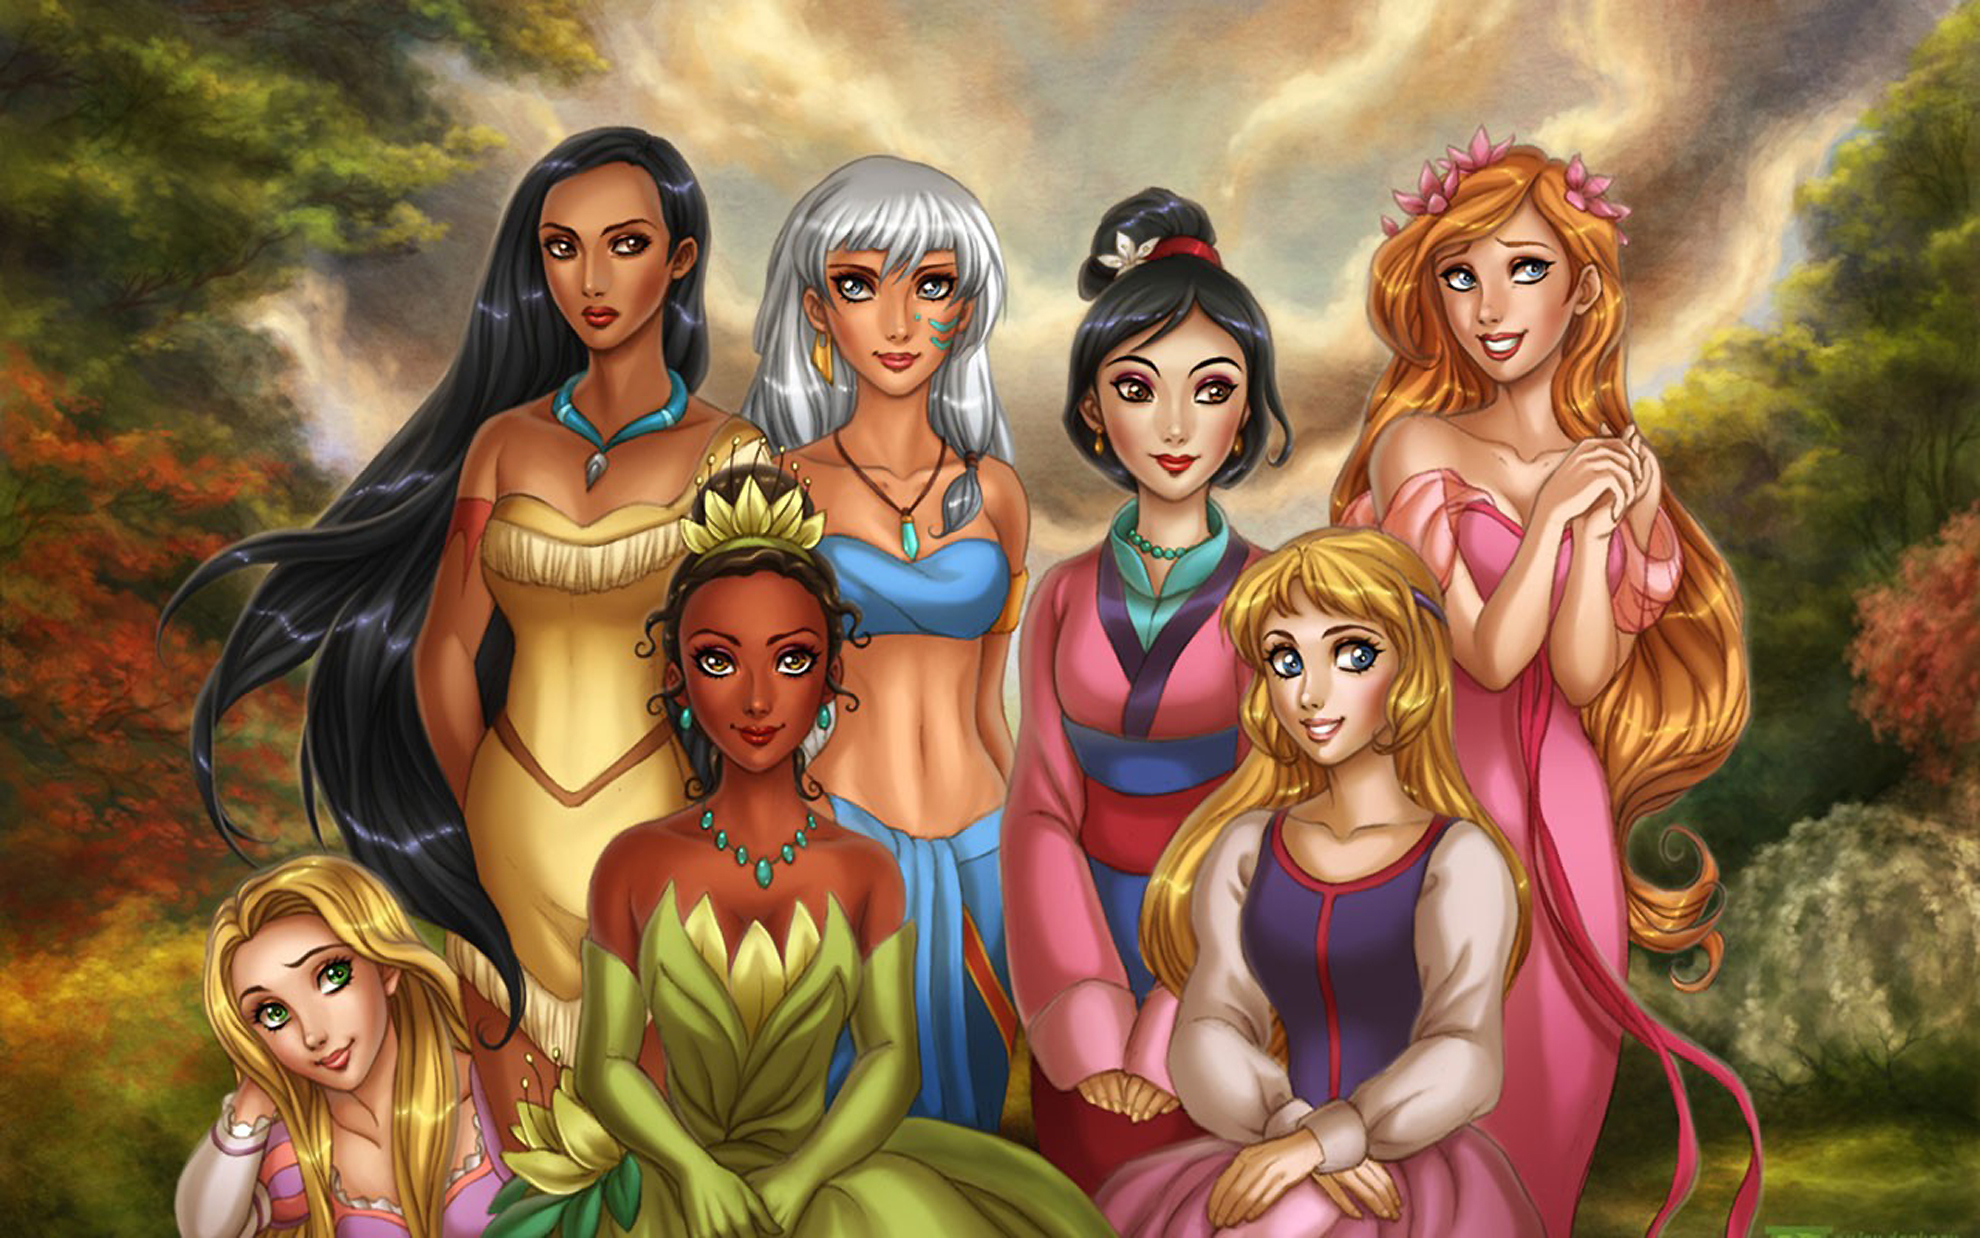 Princesas disney fondos disney princess wallpapers princesas disney reales thecheapjerseys Choice Image